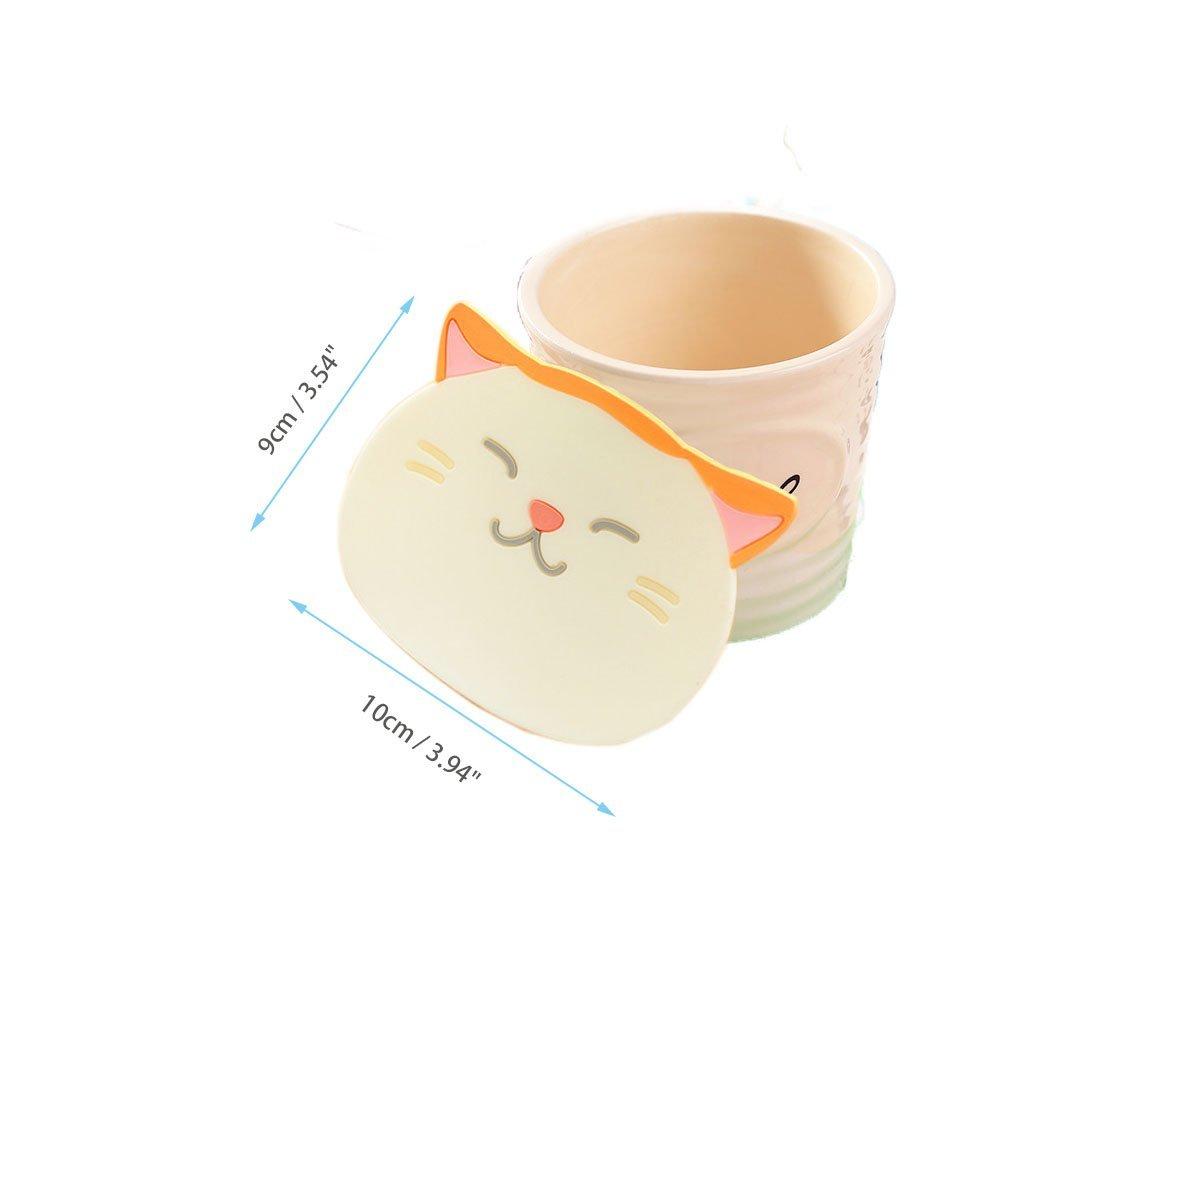 Vino Articoli da Cucina Chic Antiscivolo In Silicone Bevande e T/è ZENKO SHOP 6 Pezzi Sottotazze e Sottobicchierea Forma di Carini Gatti per Caff/è